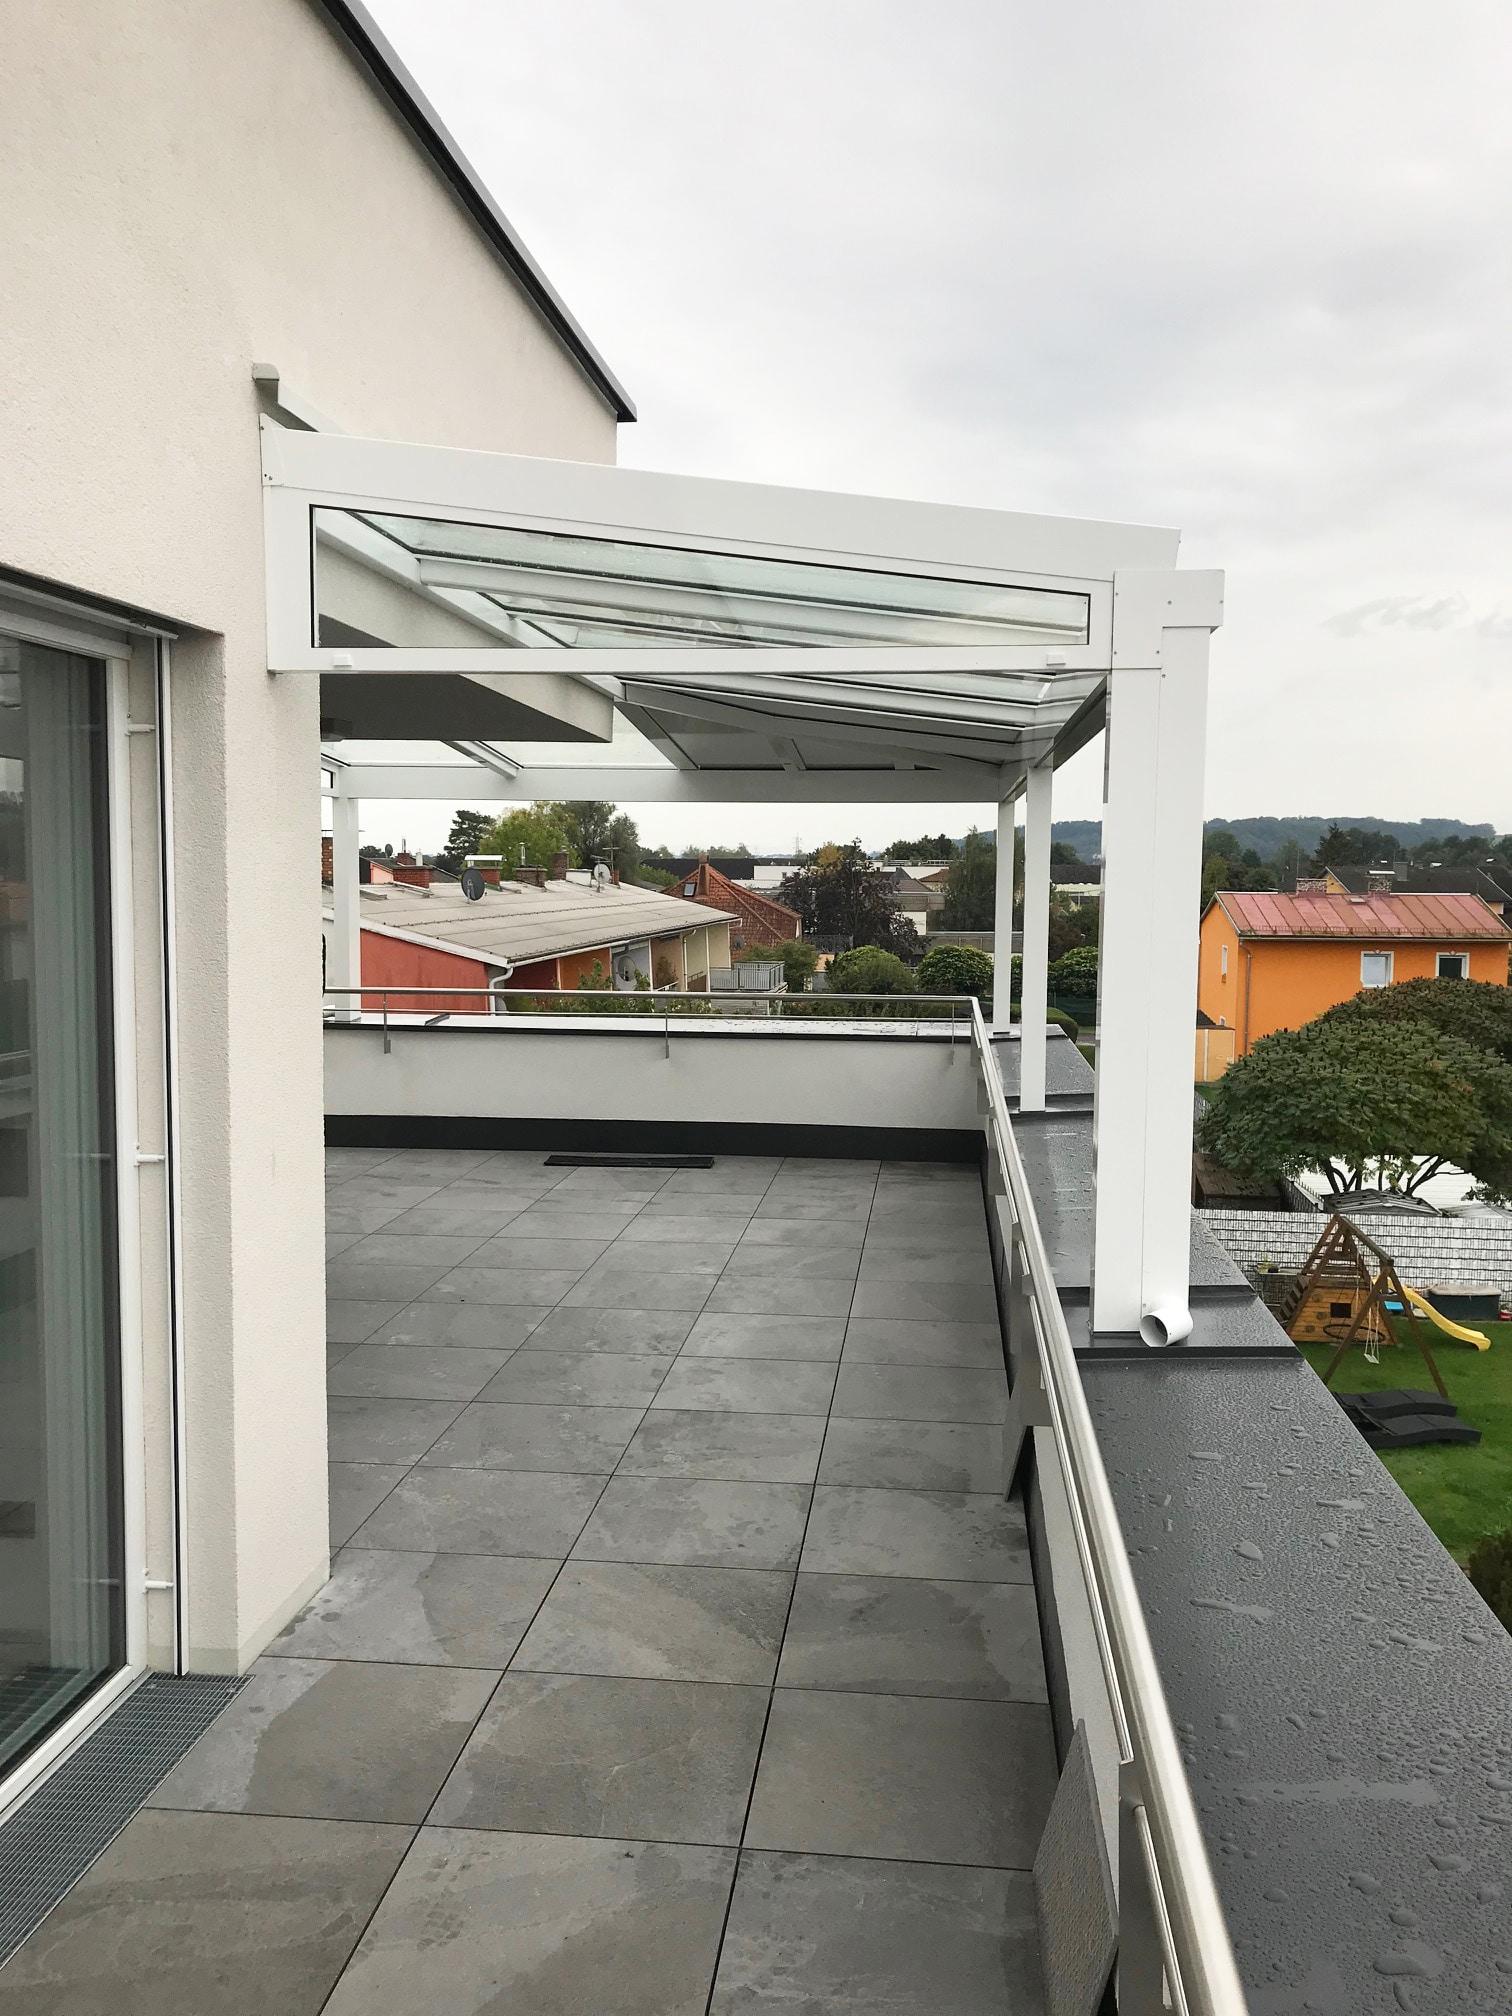 Terrassenüberdachung nach Maß für Dachterrassenwohnung in Pichling